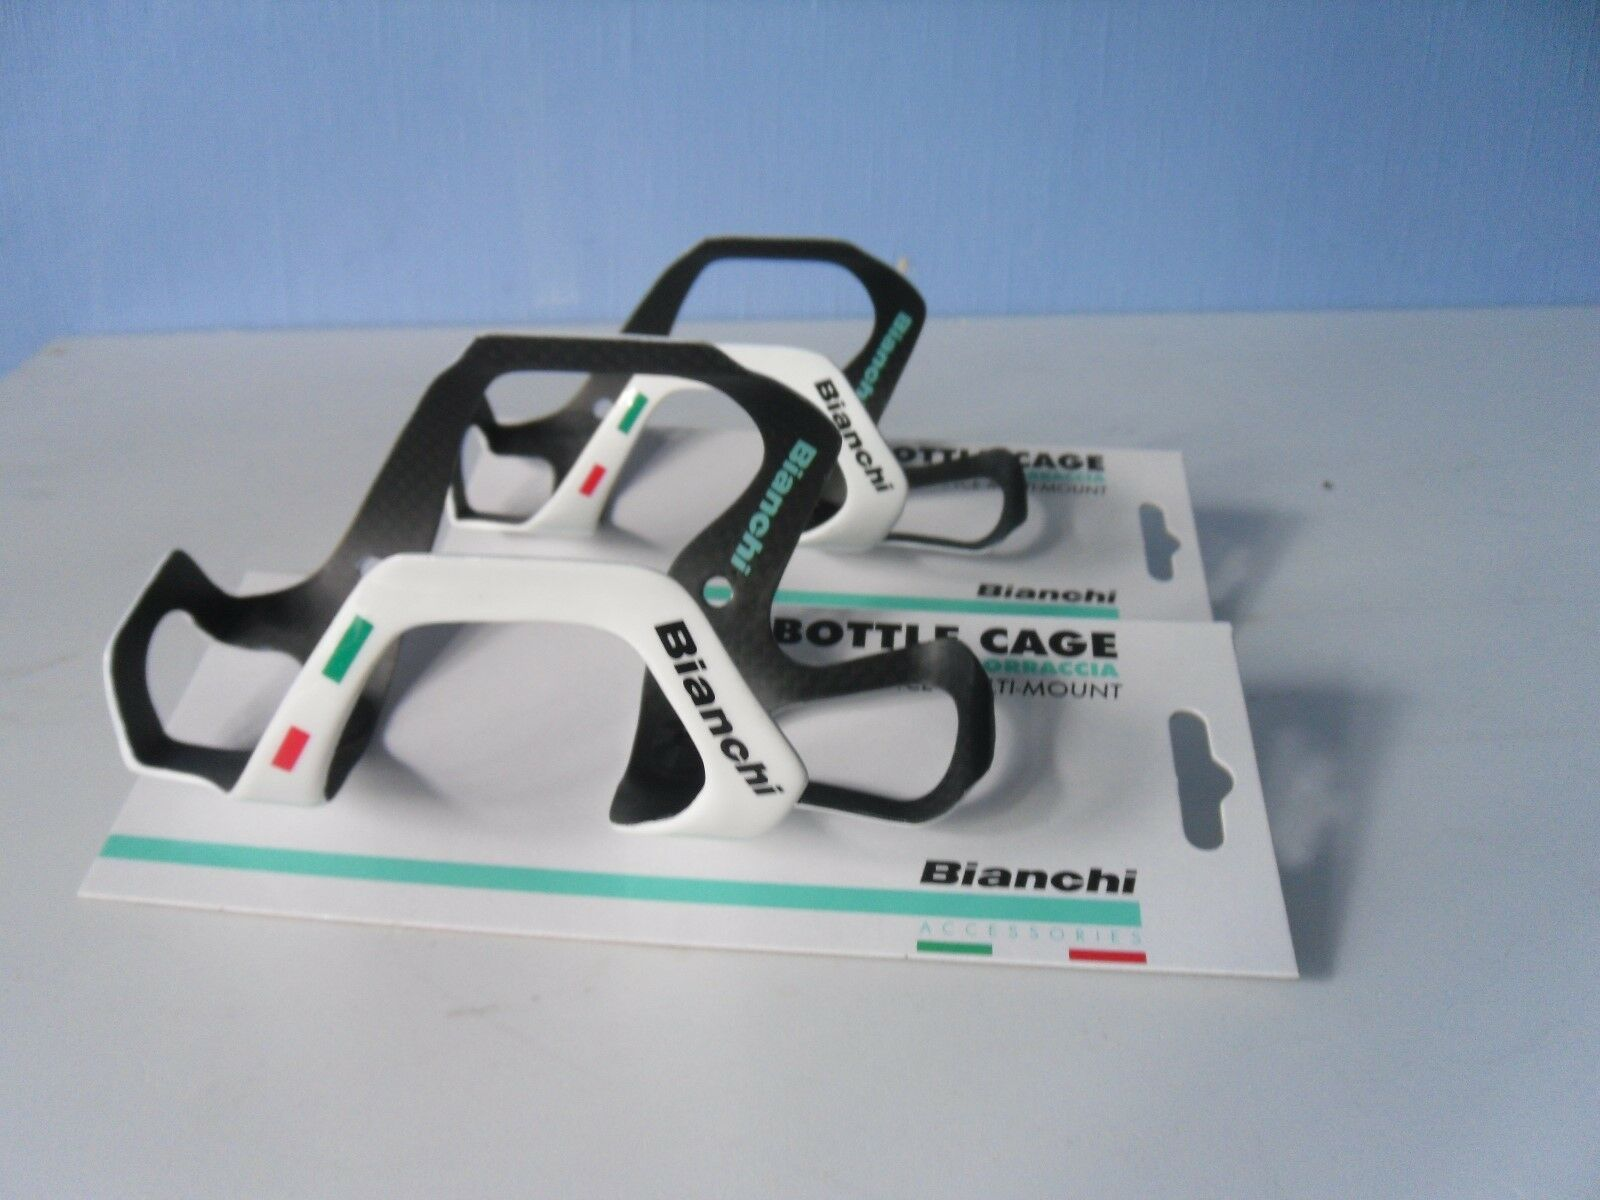 BIANCHI PERFORMANCE CAGES MULTI MOUNT CARBON FIBRE BOTTLE CAGES PERFORMANCE 64086a